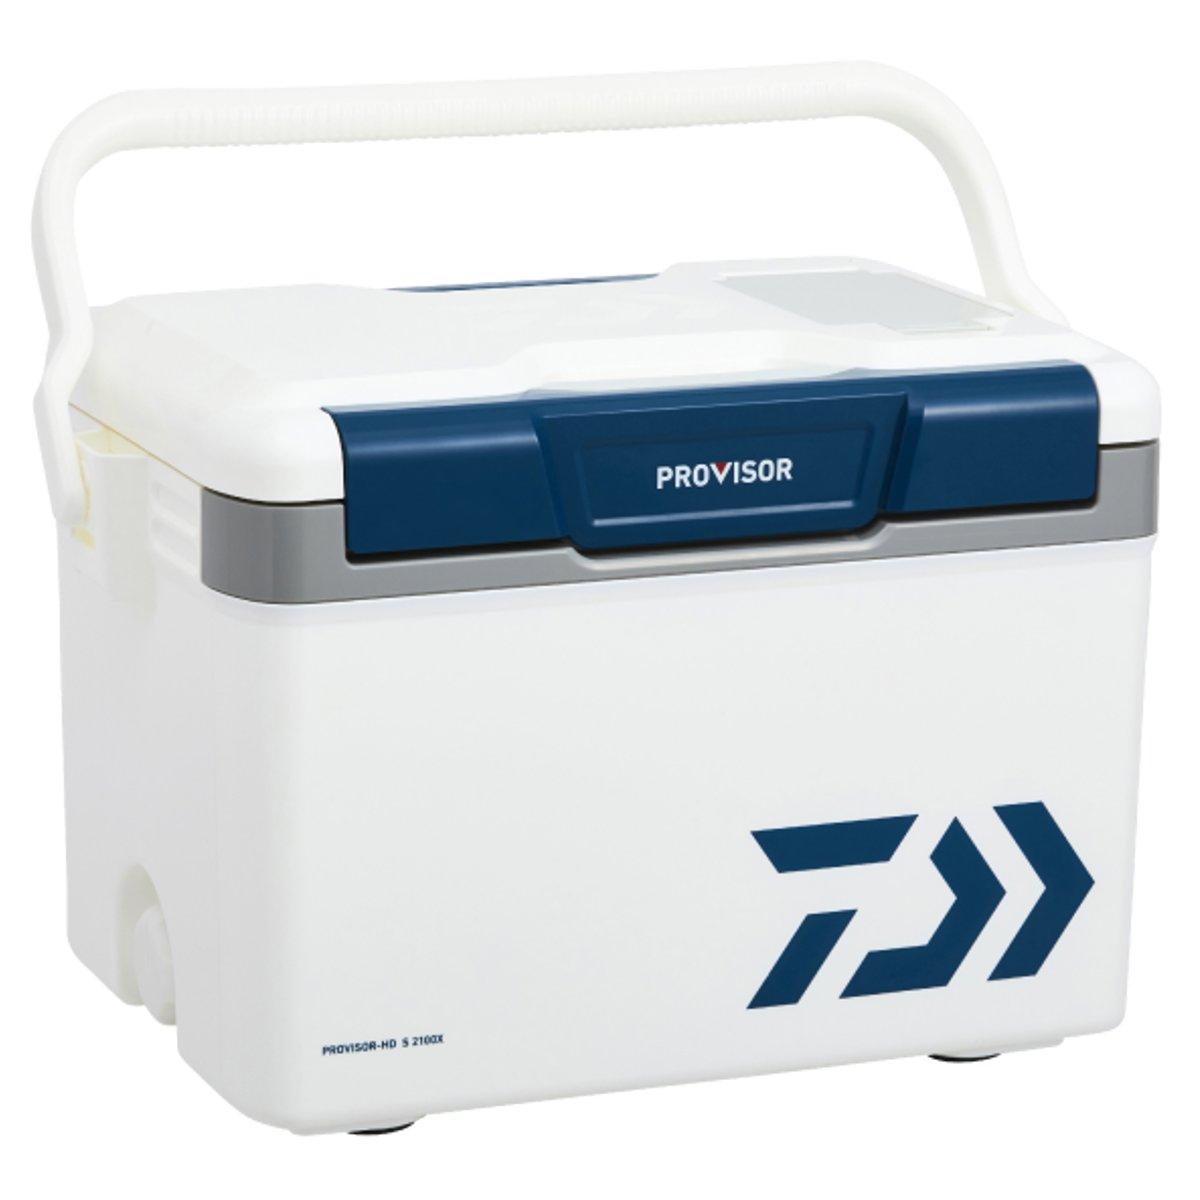 ダイワ プロバイザー HD S 2100X ブルー クーラーボックス(東日本店)【同梱不可】